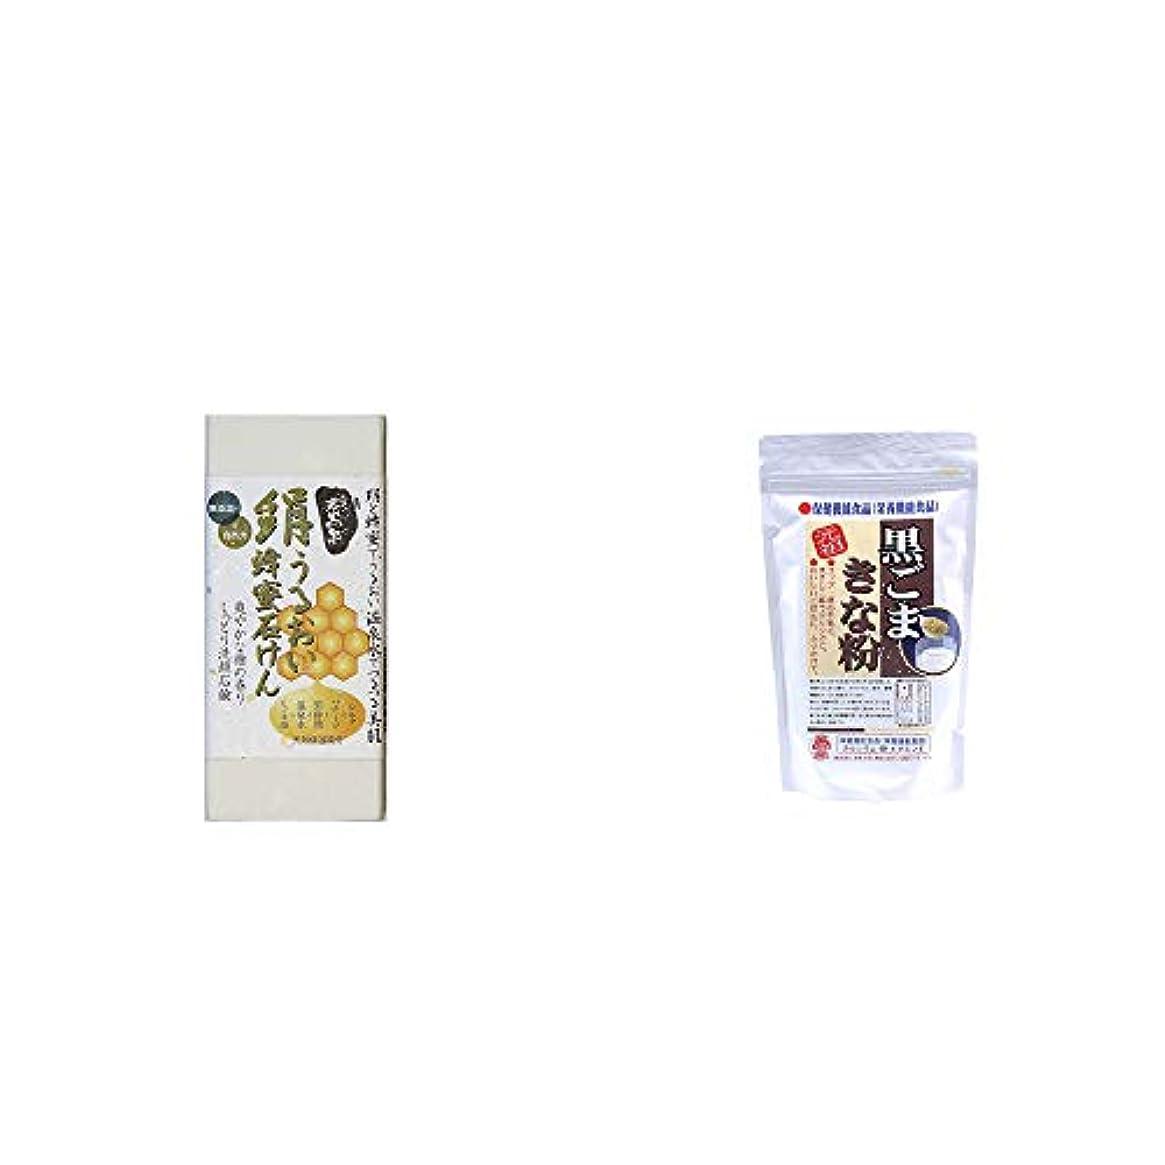 リボン霧伝導[2点セット] ひのき炭黒泉 絹うるおい蜂蜜石けん(75g×2)?黒ごまきな粉(270g)